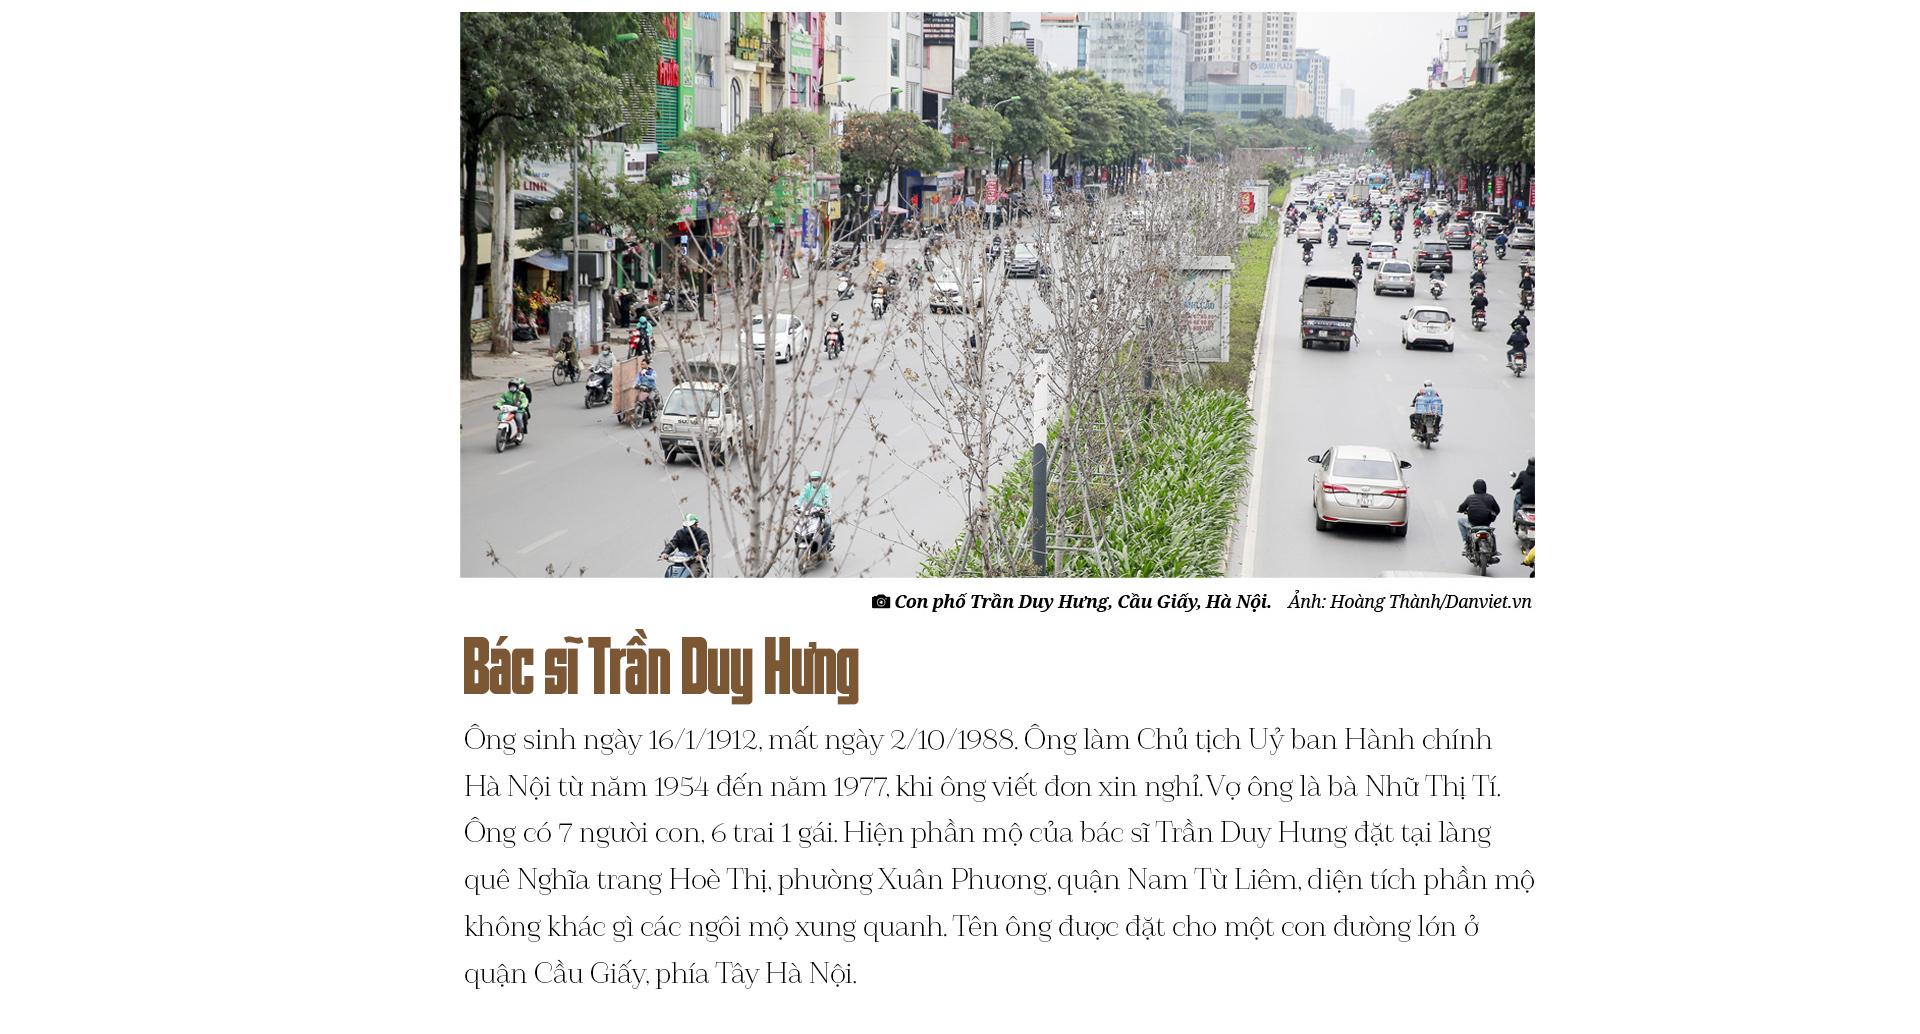 Bác sĩ Trần Duy Hưng – thị trưởng Hà Nội đầu tiên và lâu năm nhất - Ảnh 23.